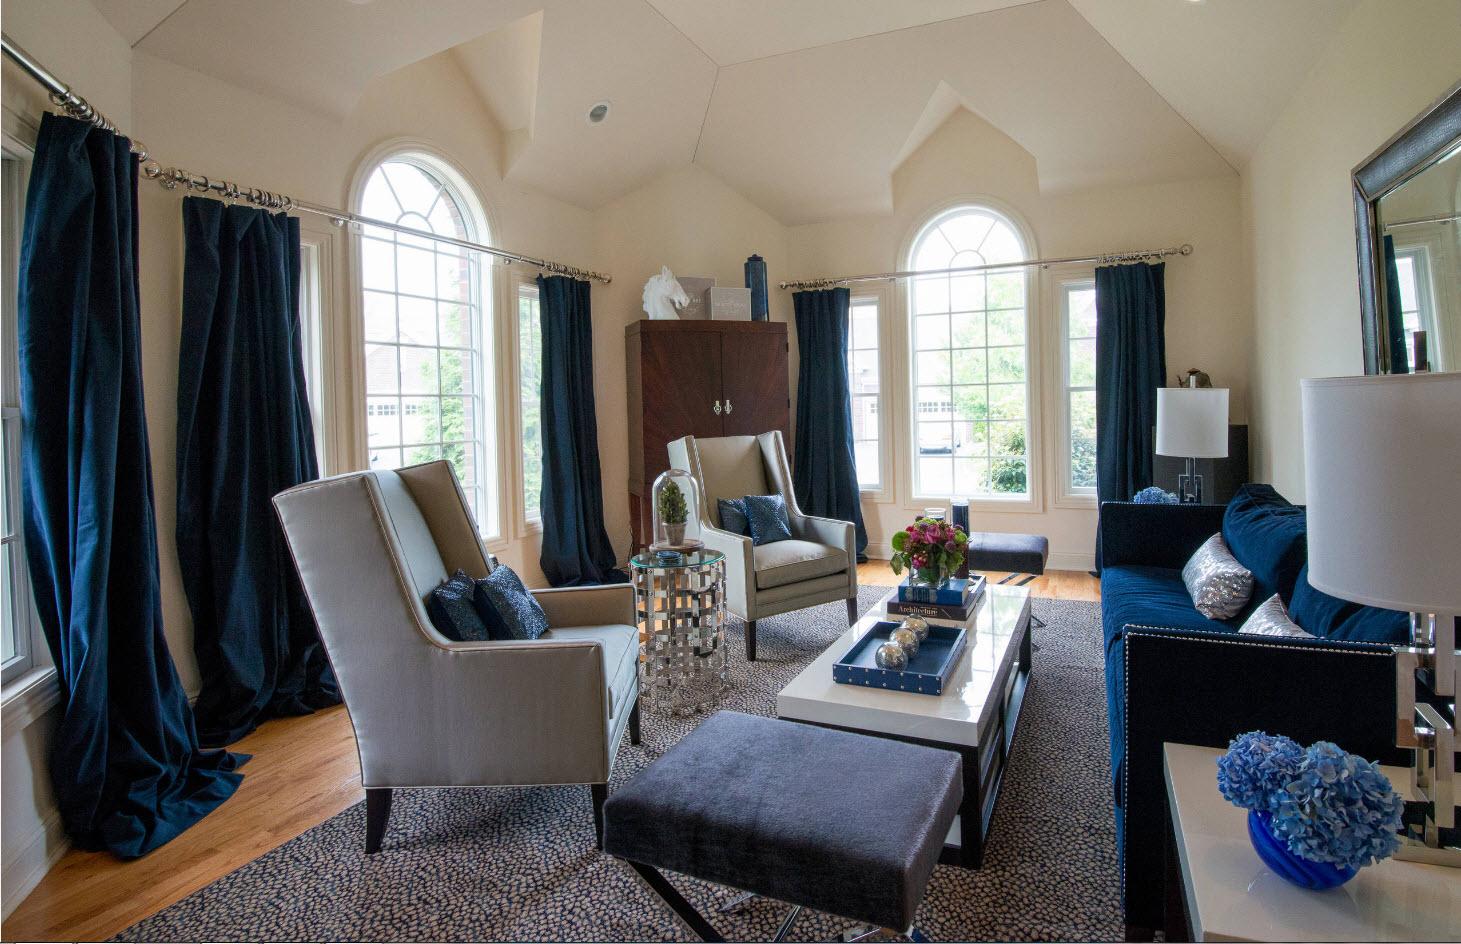 Плотные шторы под цвет обивки дивана